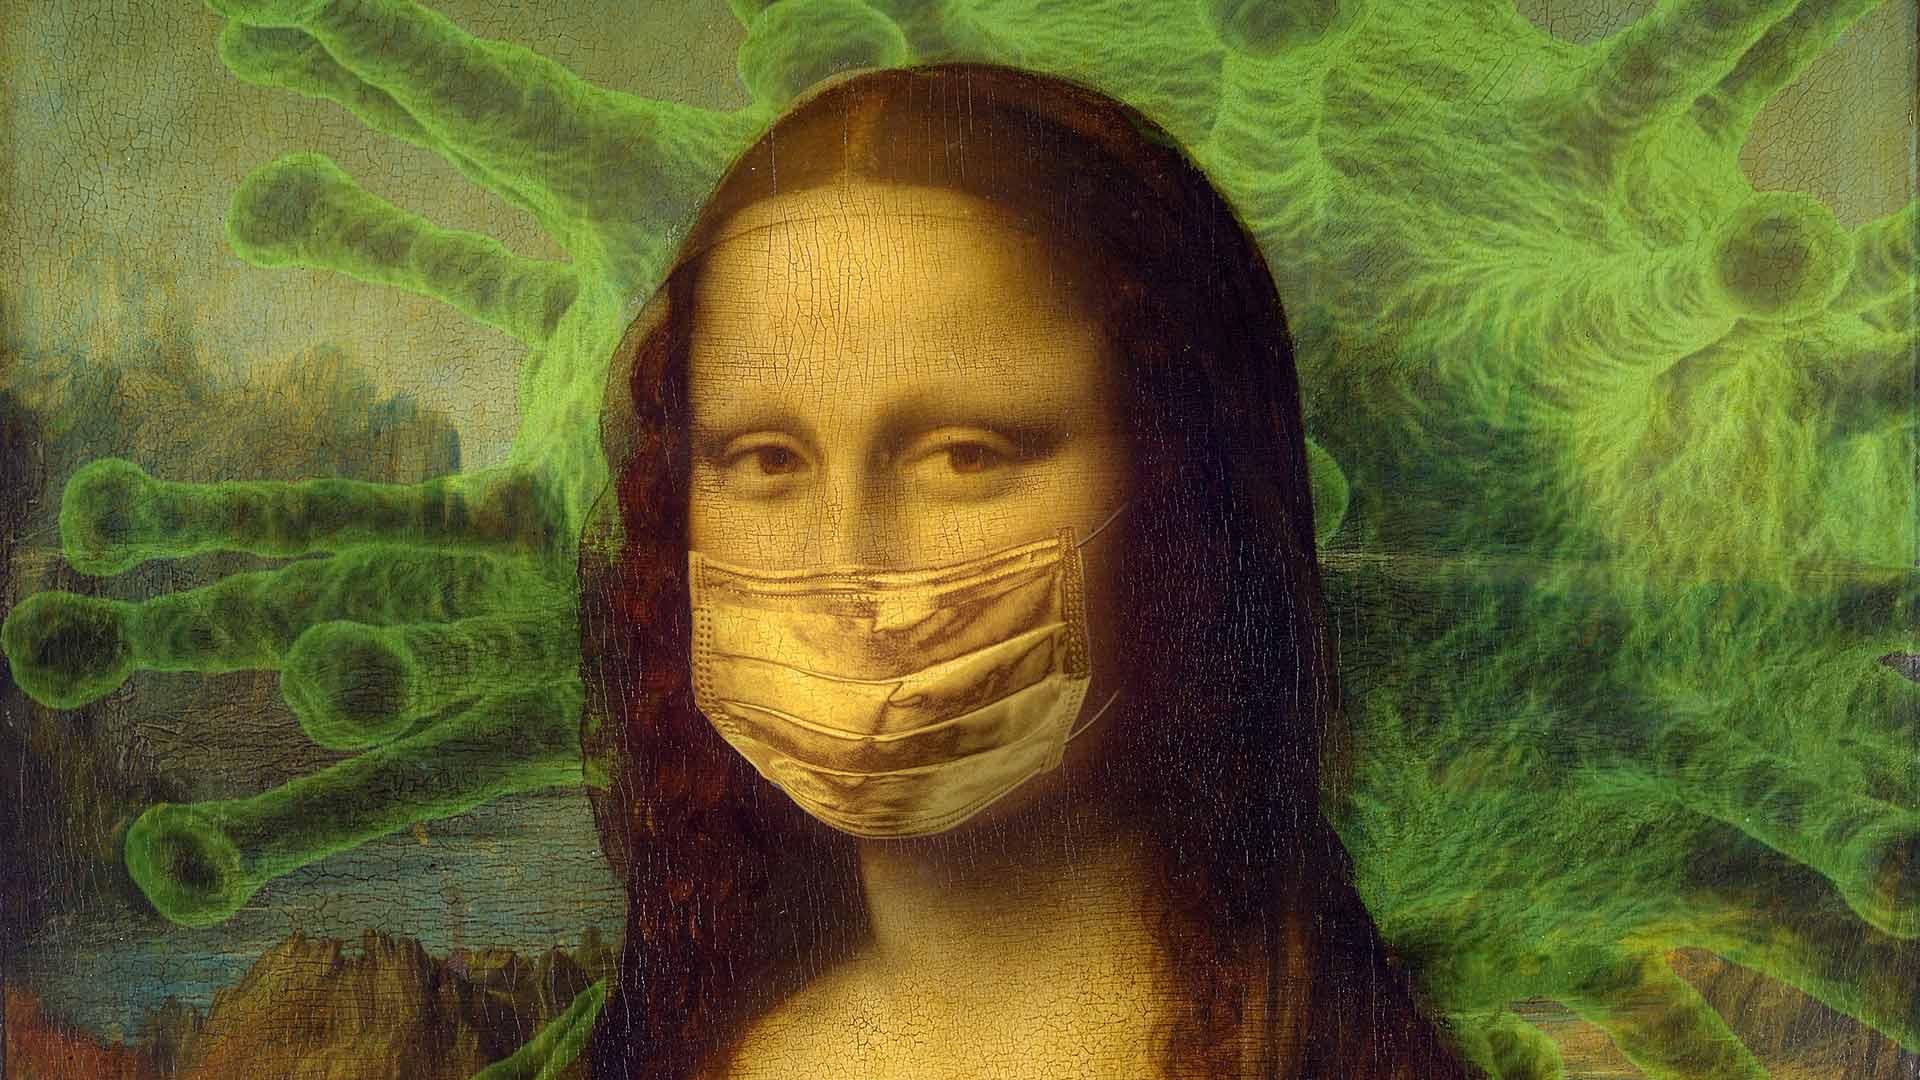 Mona Lisa Covis-19 Maske